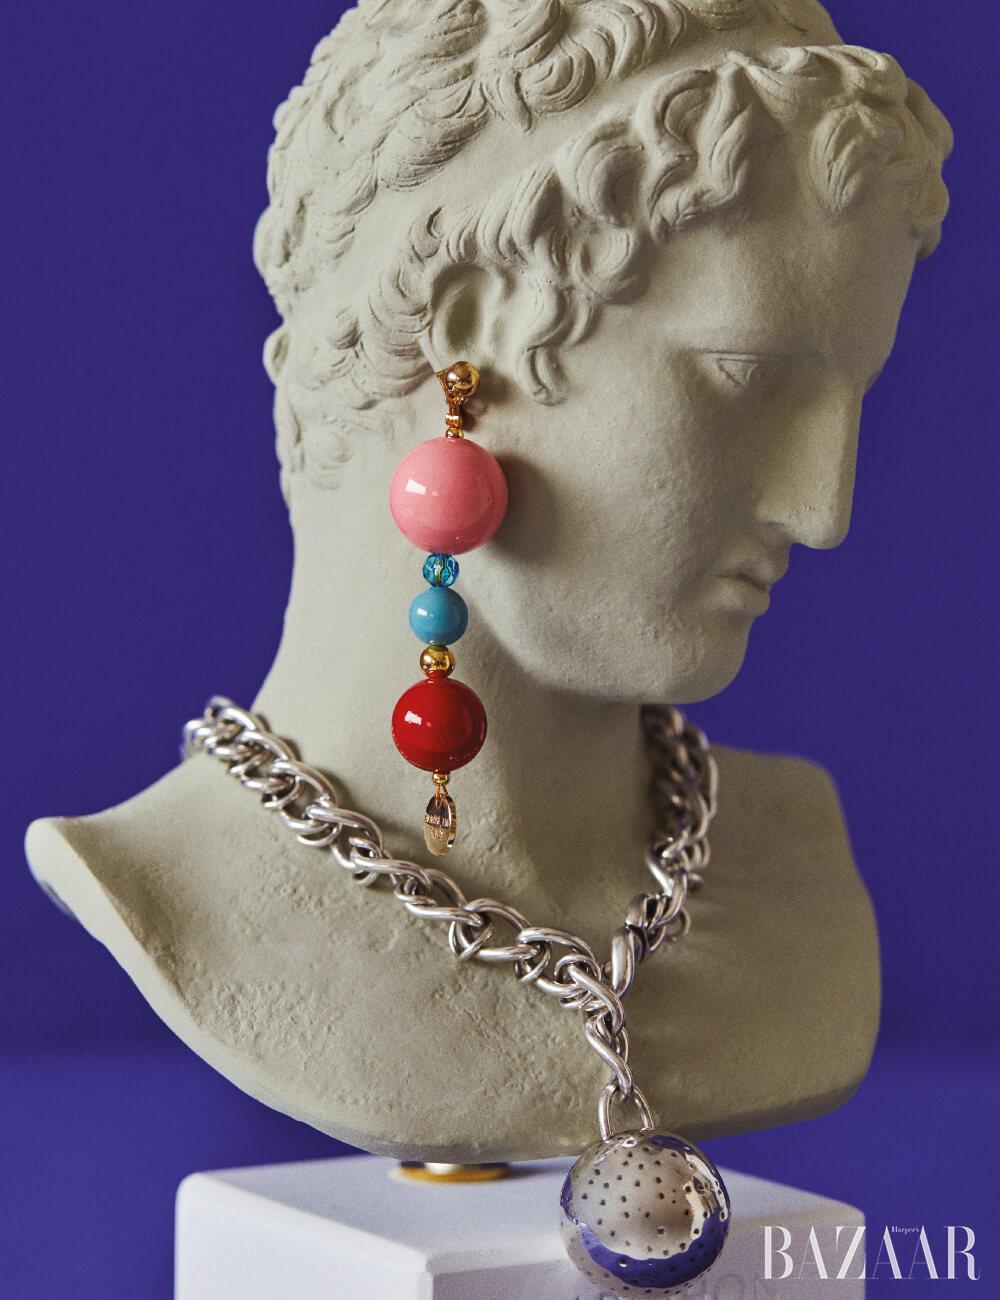 귀고리는 25만원 Emilio Pucci, 목걸이는 3백만원 Bottega Veneta. 조각상은 Sophia by hpix.co.kr.